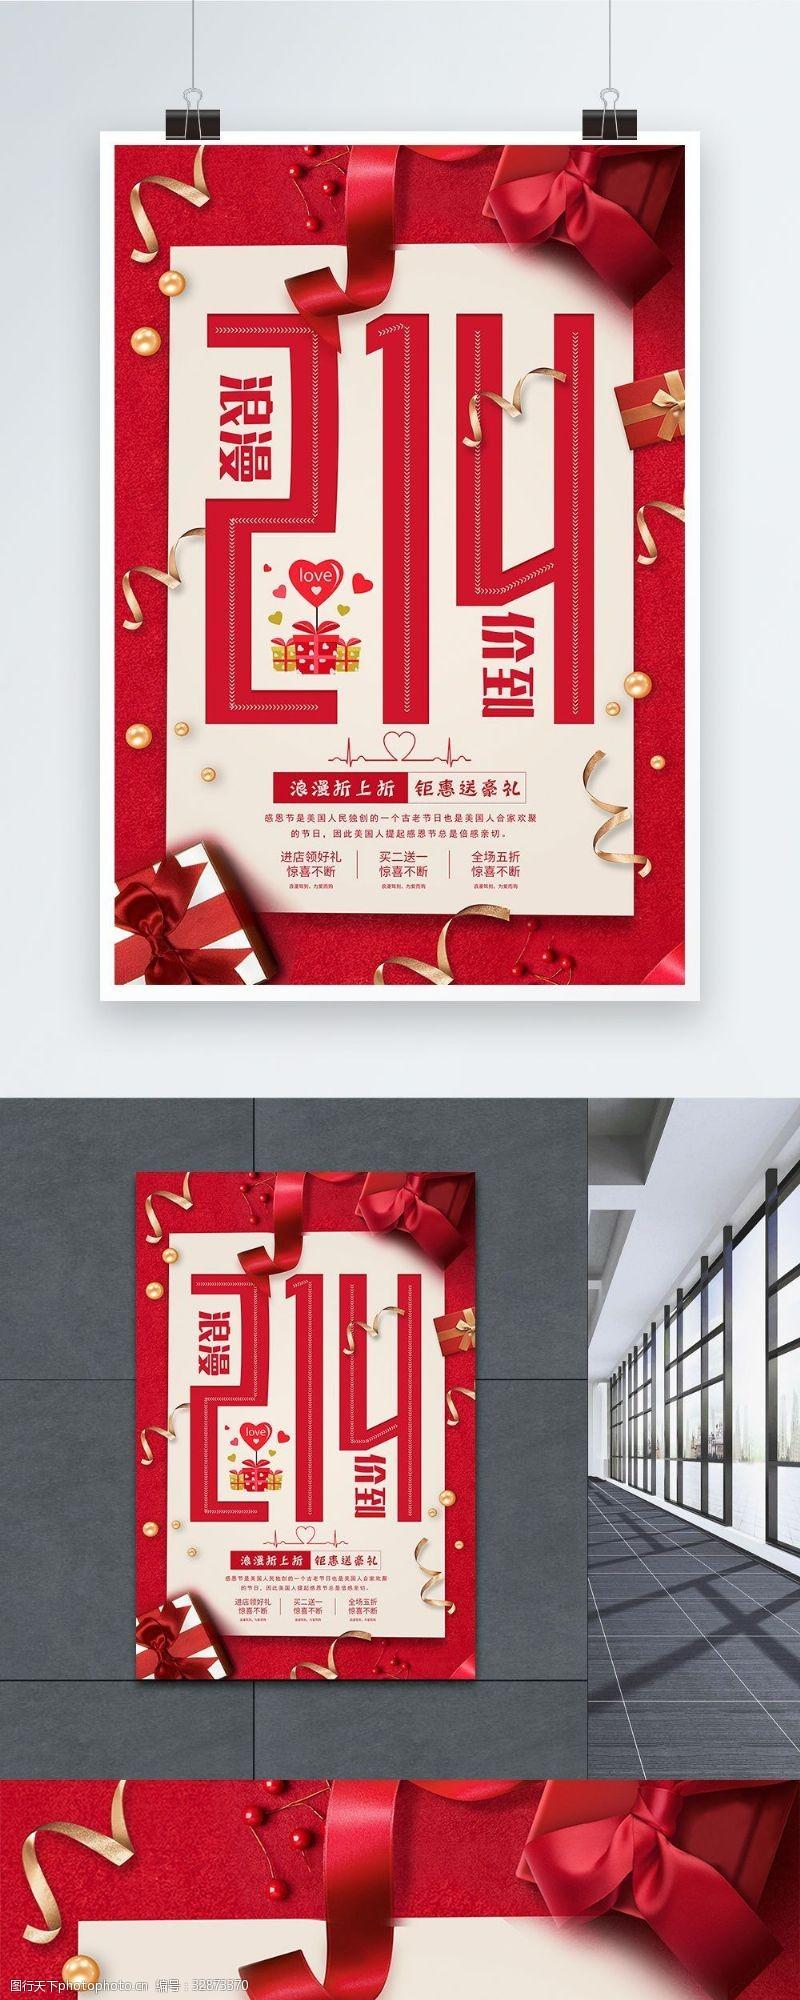 浪漫紅色214情人節促銷海報